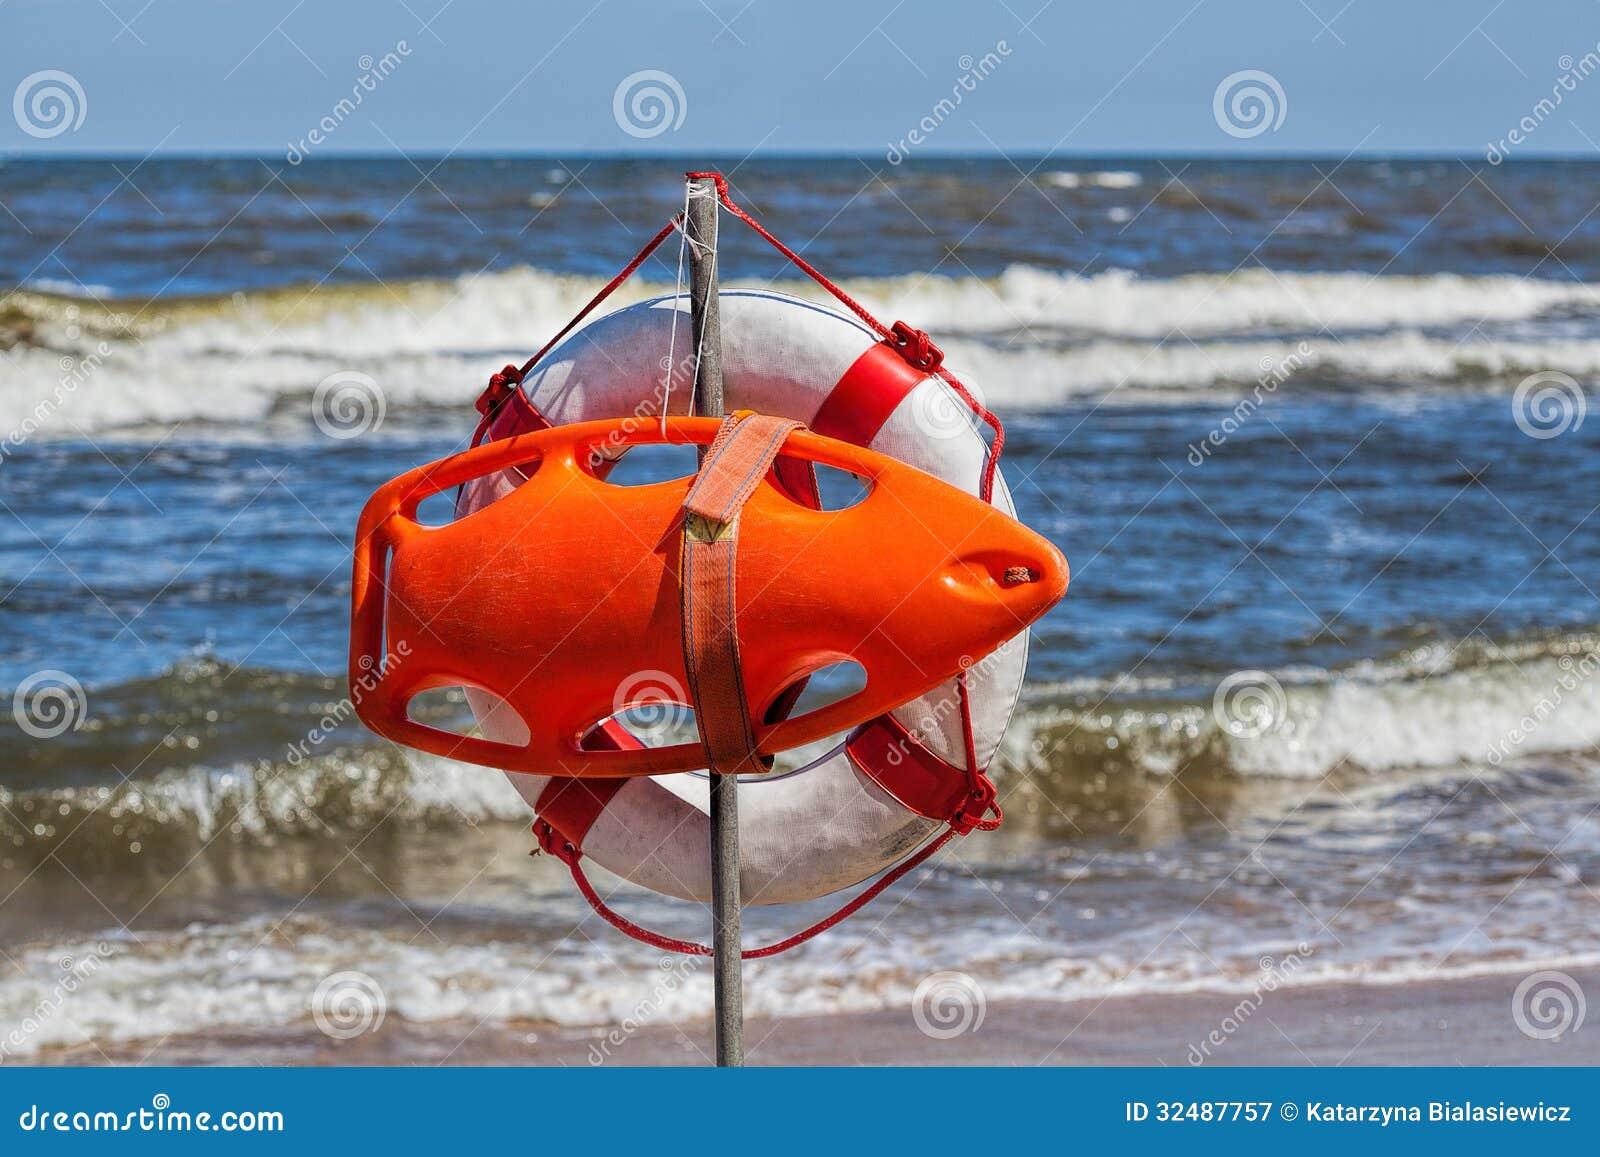 Lifebuoy at seaside